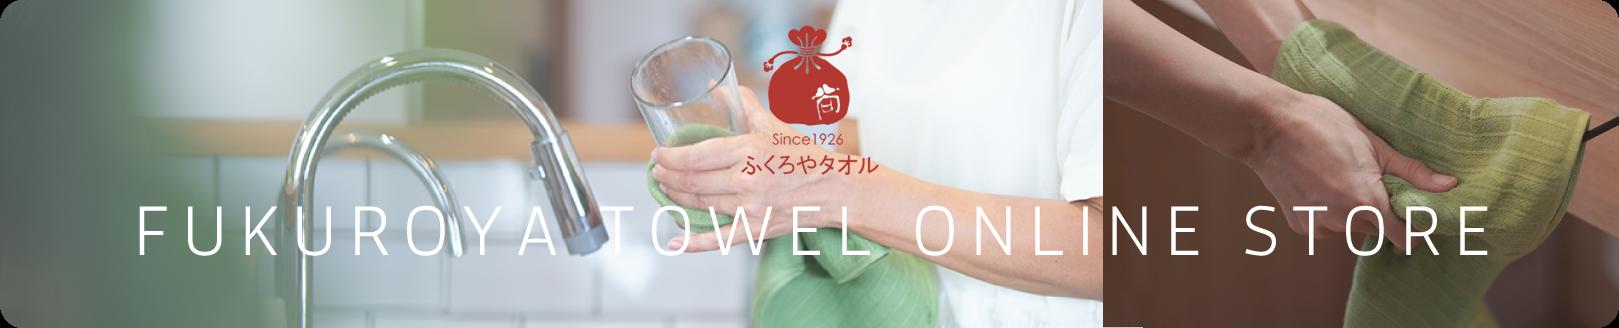 ふくろやタオル公式サイト(泉州タオルの通販)